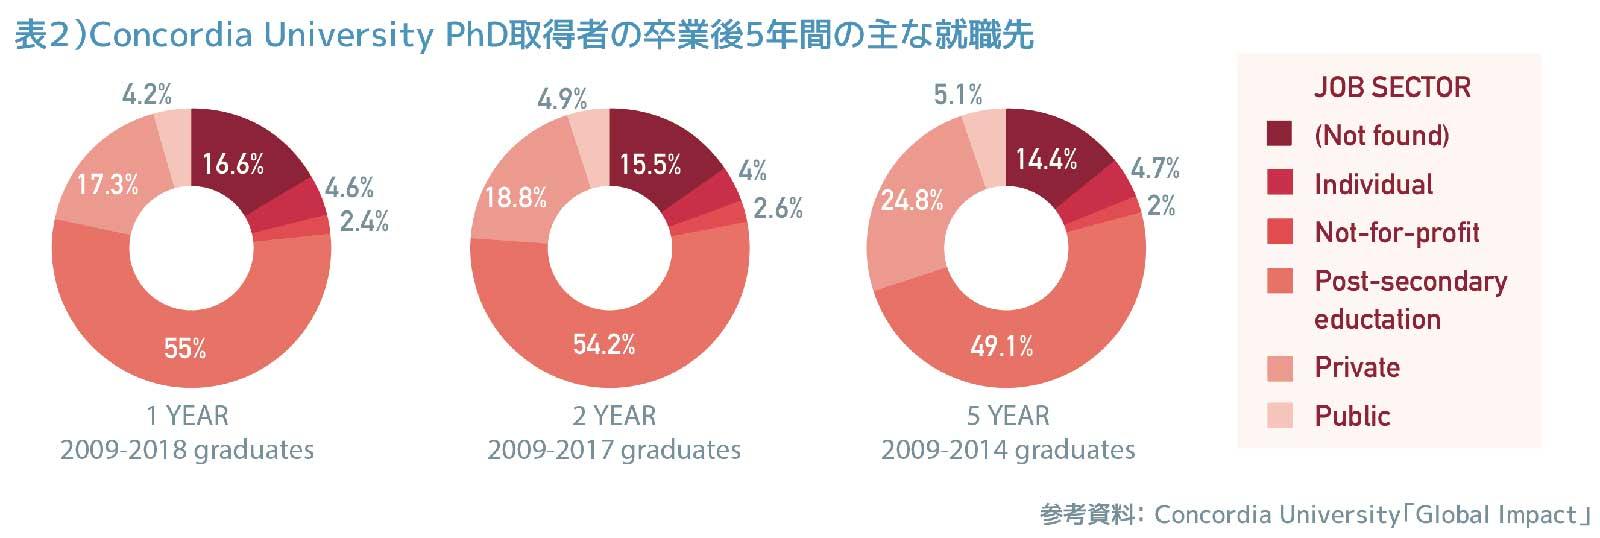 表2)Concordia University PhD取得者の卒業後5年間の主な就職先